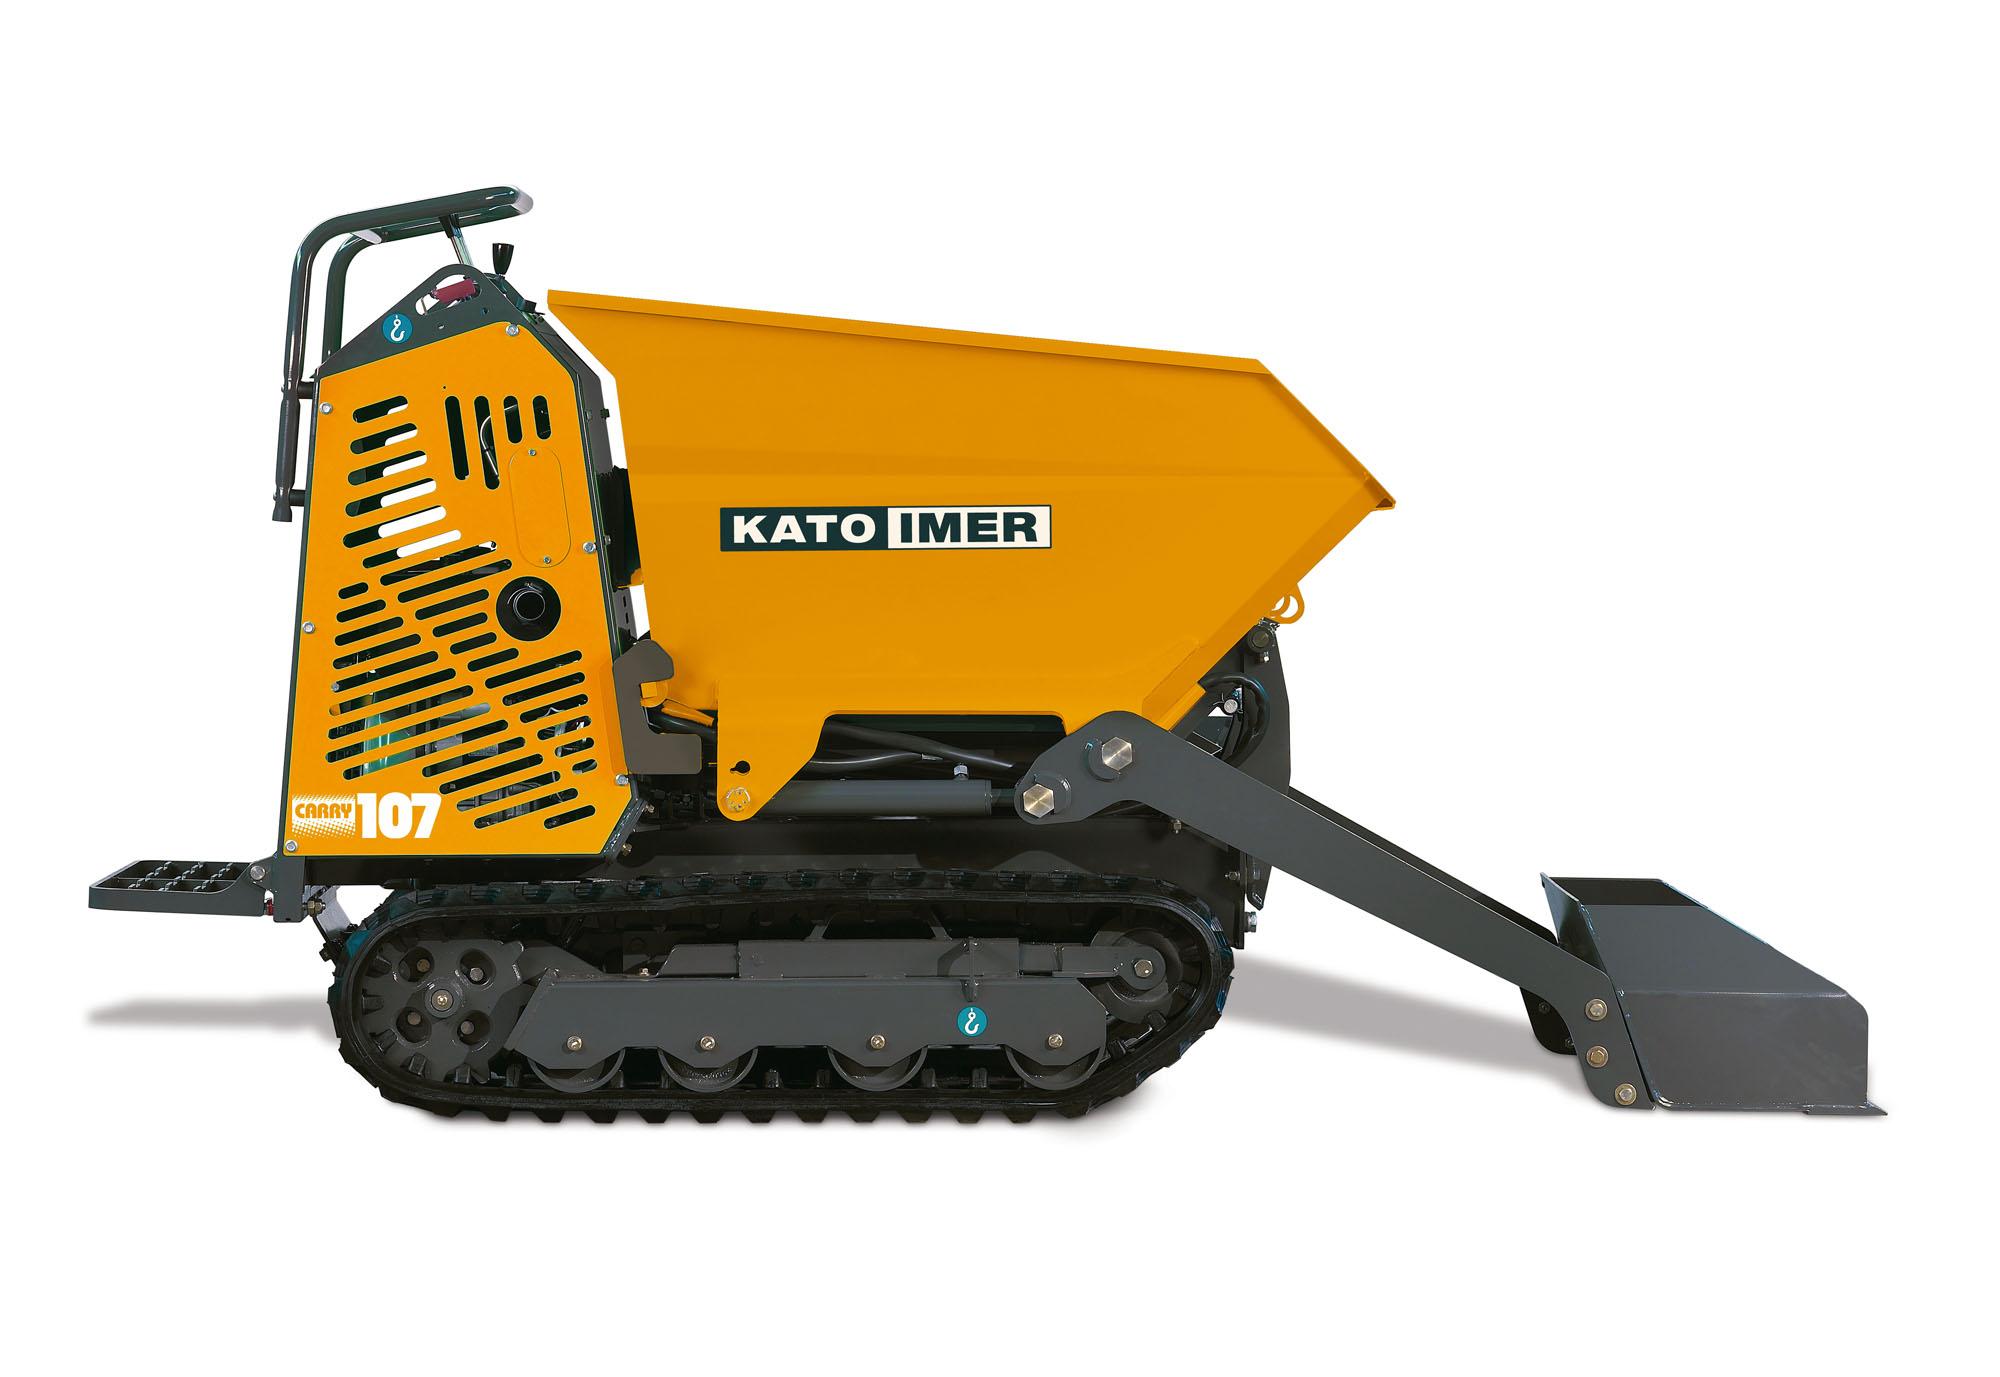 Kato Imer cambia look -  -Construction Notizie - MC5.0-Macchine Cantieri 1